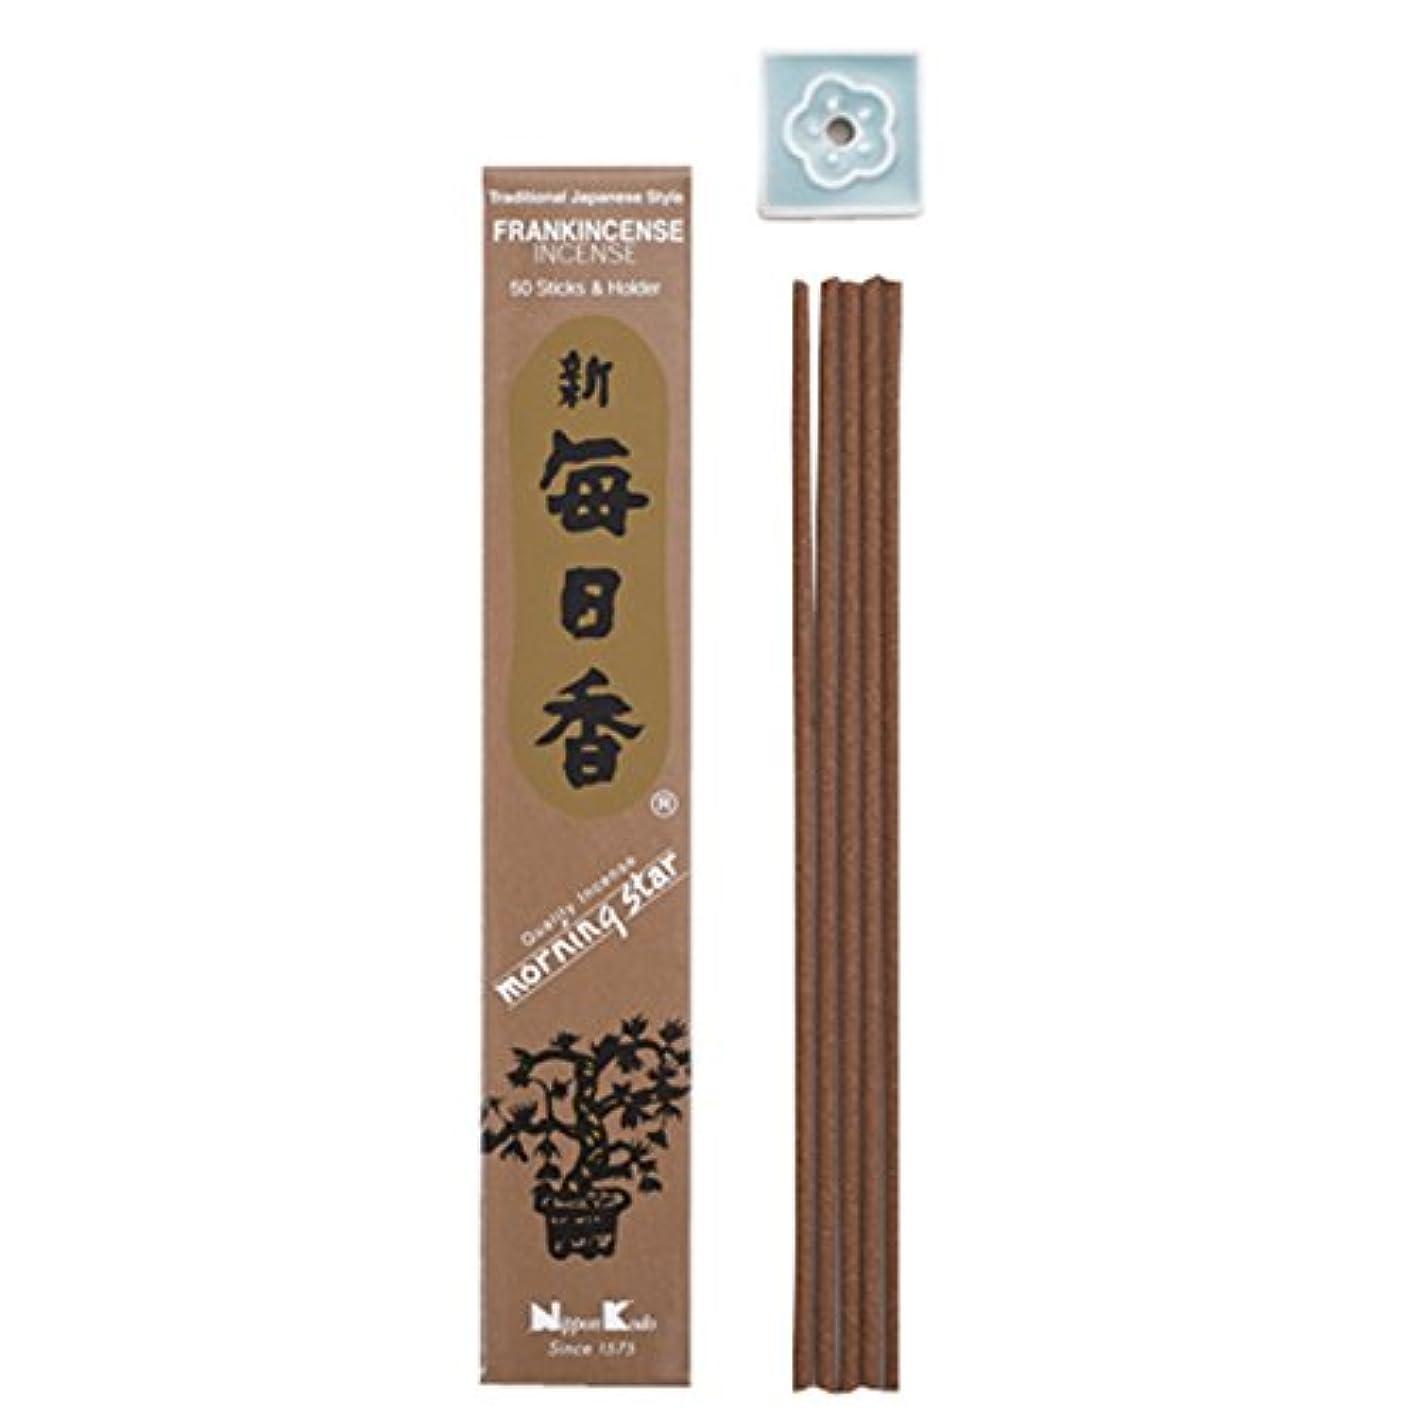 啓発するご飯植物学者Morning Star Japanese Incense Sticks Frankincense 50 Sticks &ホルダー'